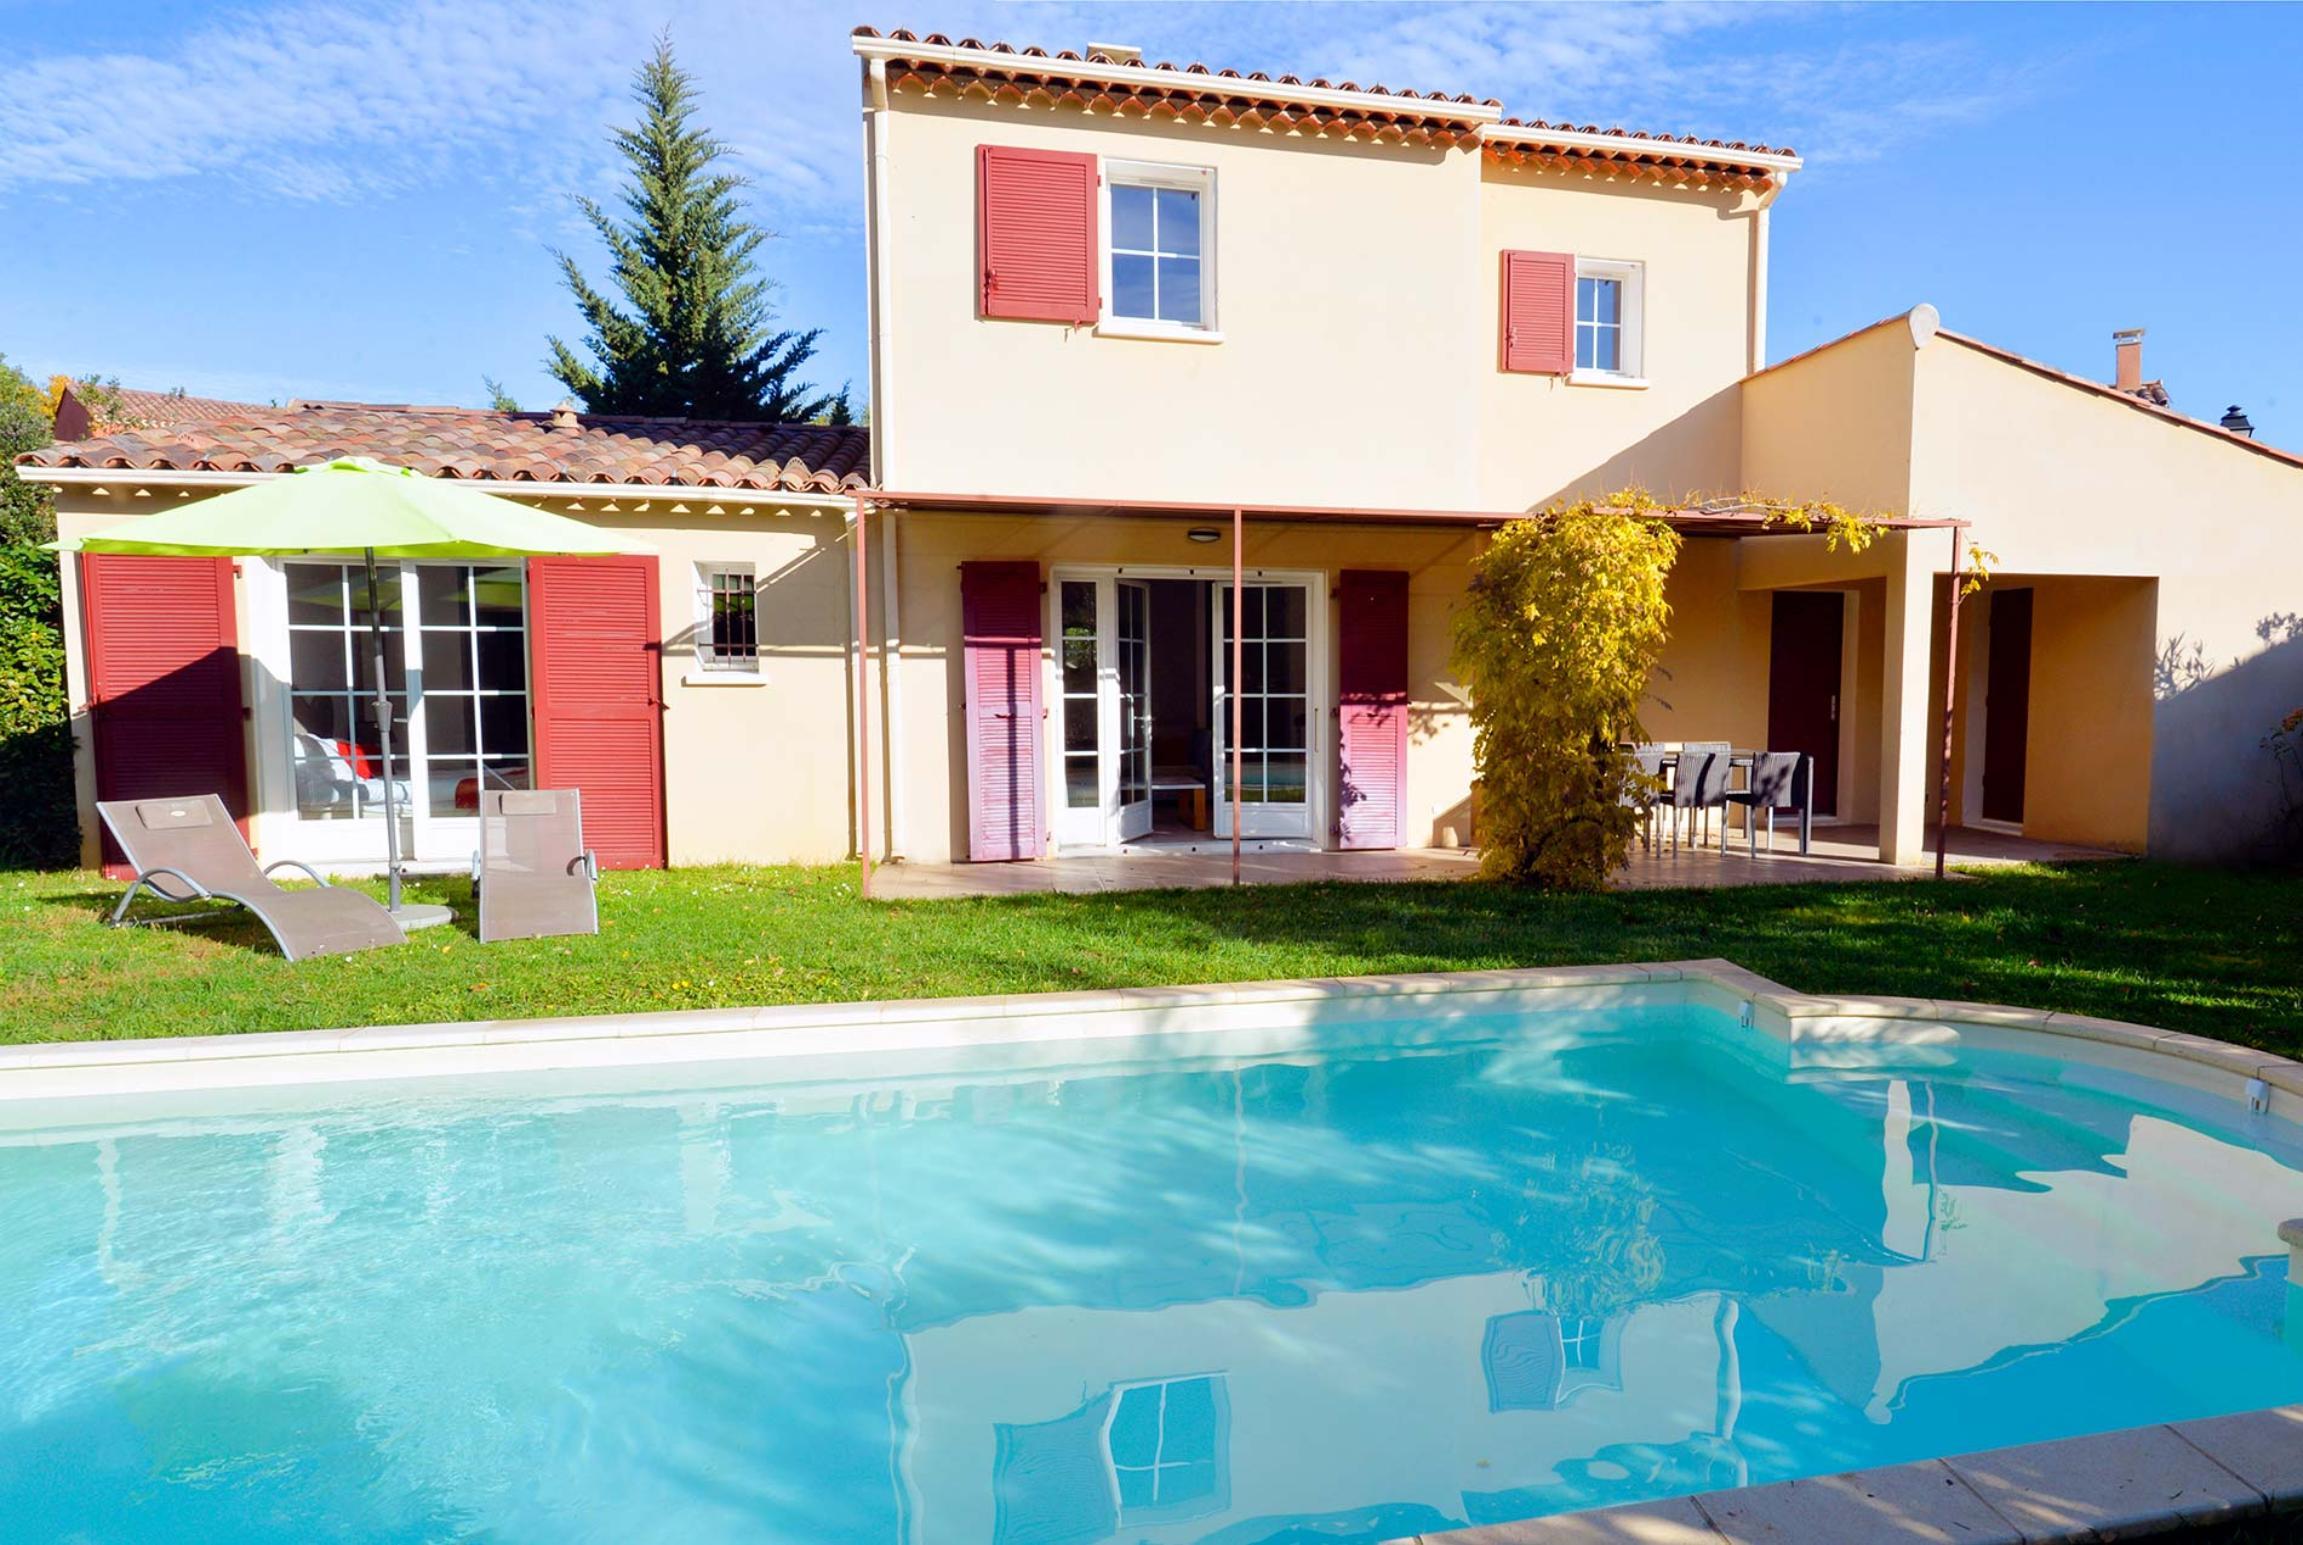 Holiday house 3 Bed Villas Campagne (2750845), Saint Saturnin lès Apt, Vaucluse, Provence - Alps - Côte d'Azur, France, picture 1